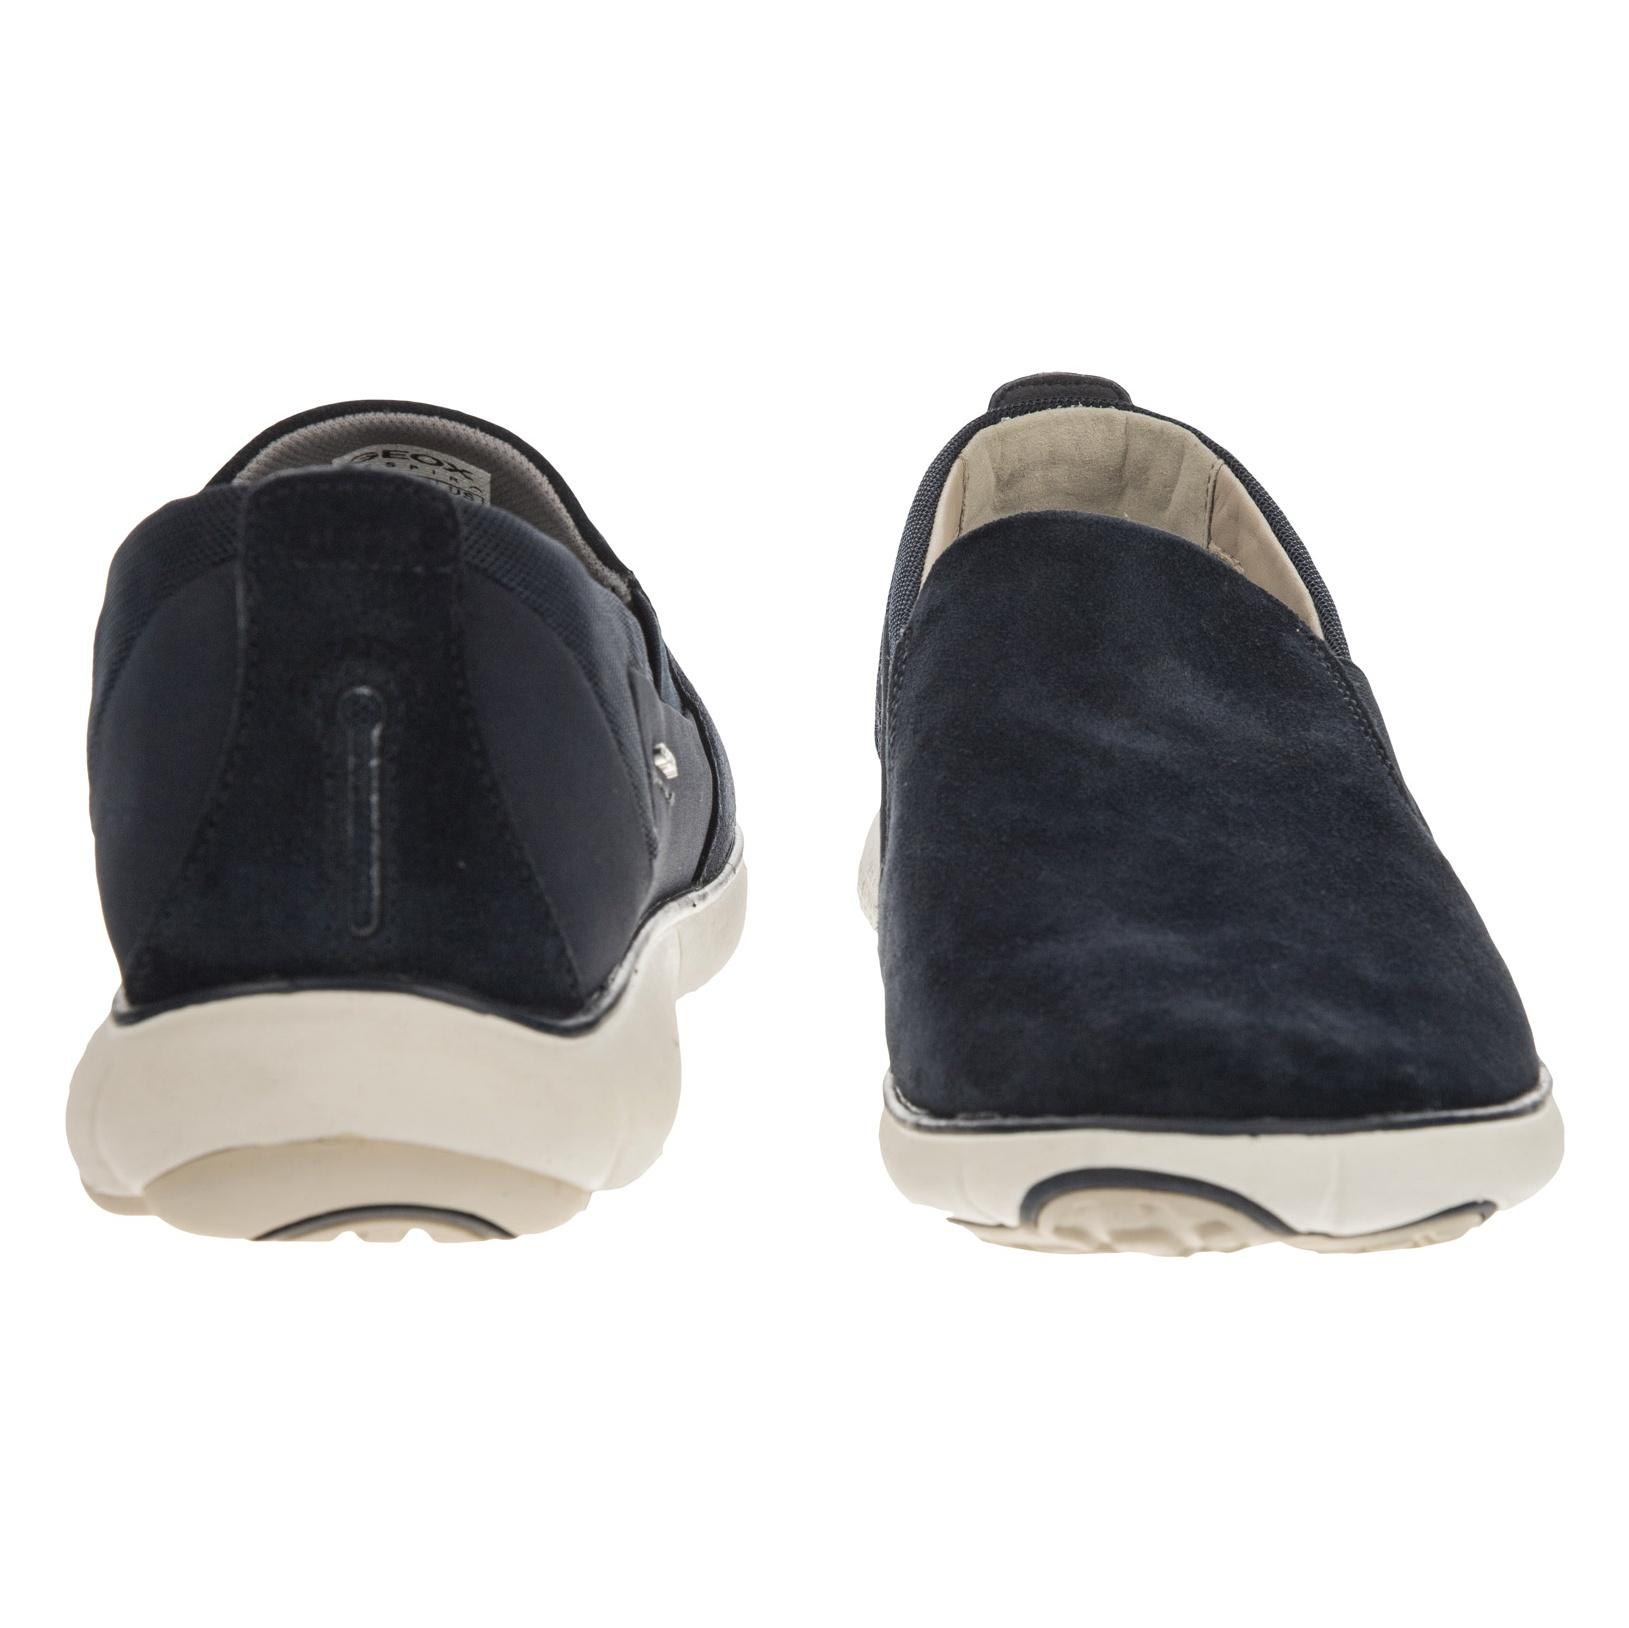 کفش روزمره مردانه جی اوکس مدل U82D7E-02211-C4002 -  - 3